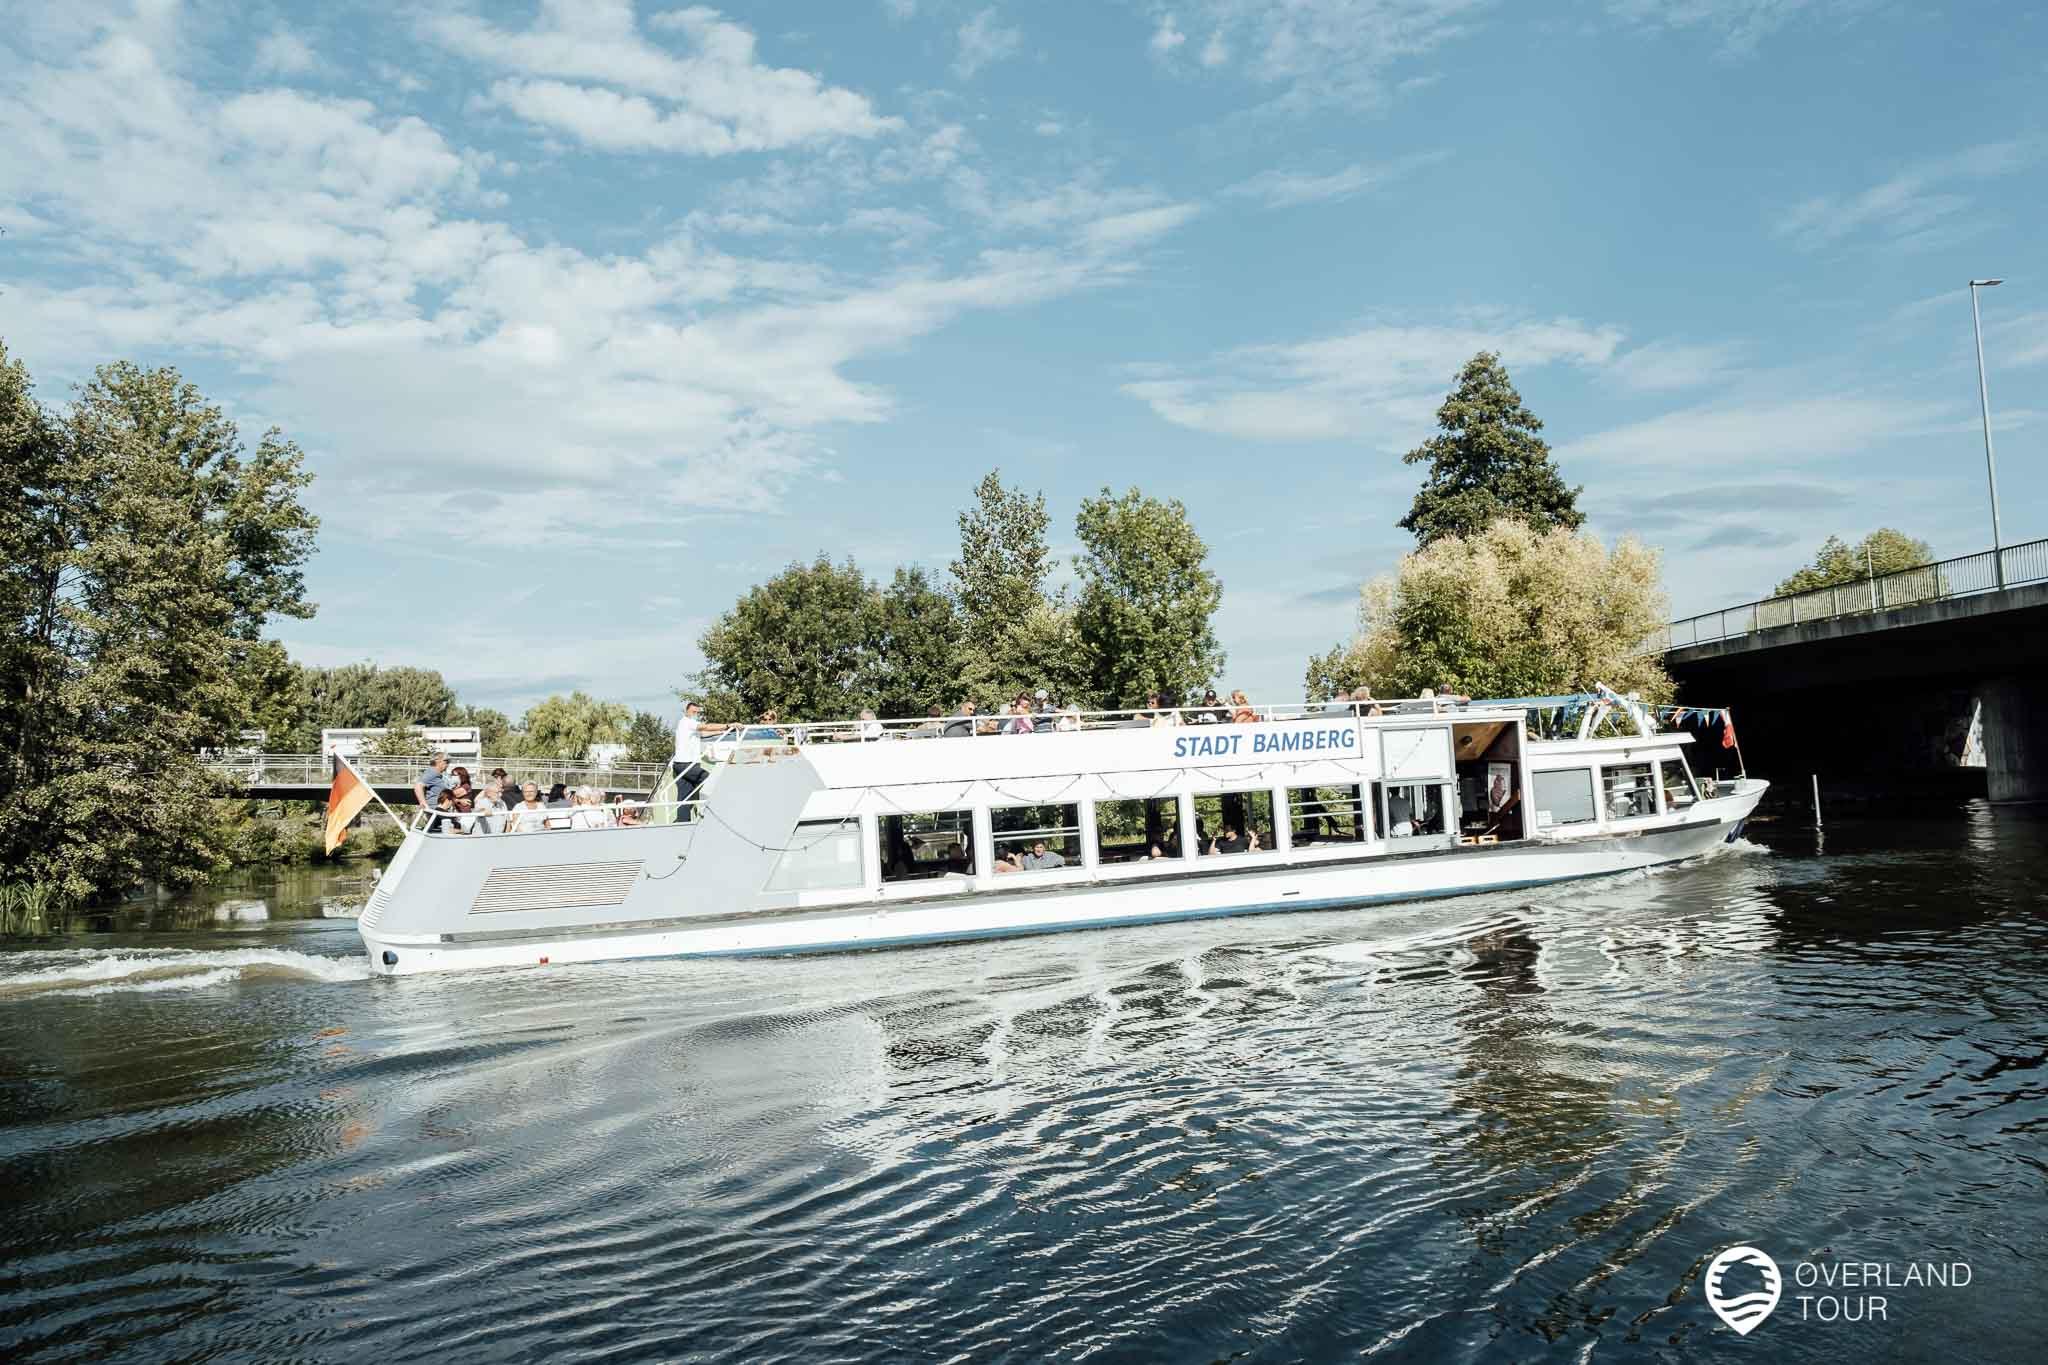 Ein Schiffsausflug auf der Regnitz durch Bamberg – Eine Enttäuschung